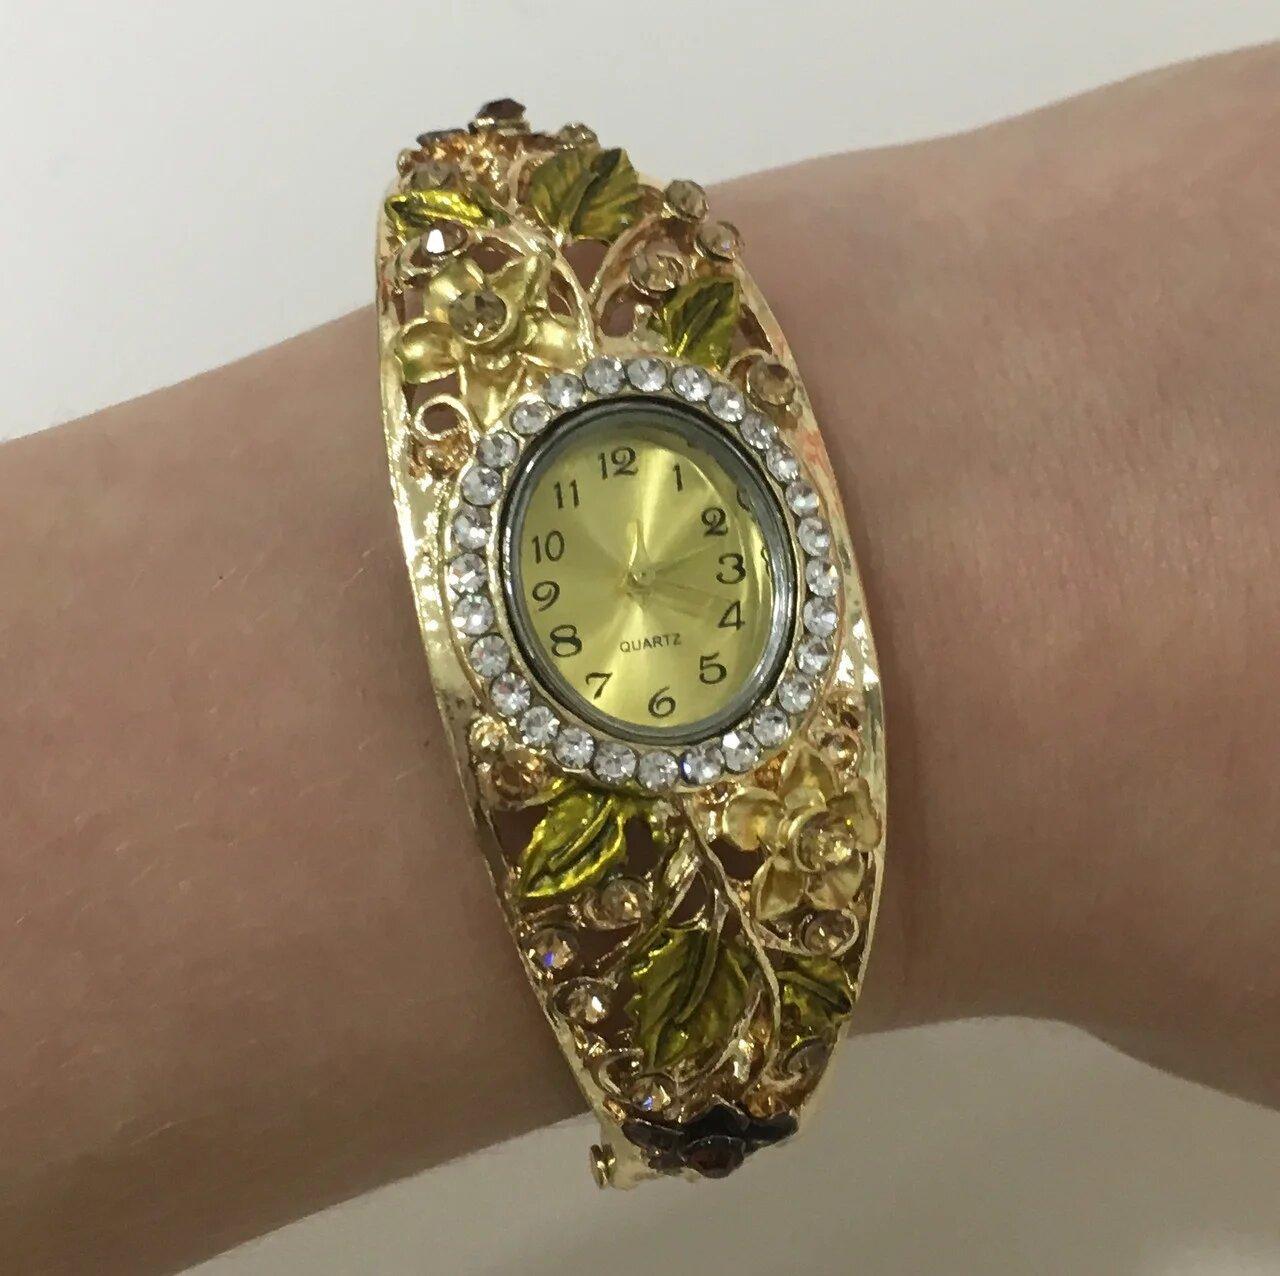 Женские наручные часы с цветочным орнаментом (наручные кварцевые часы)